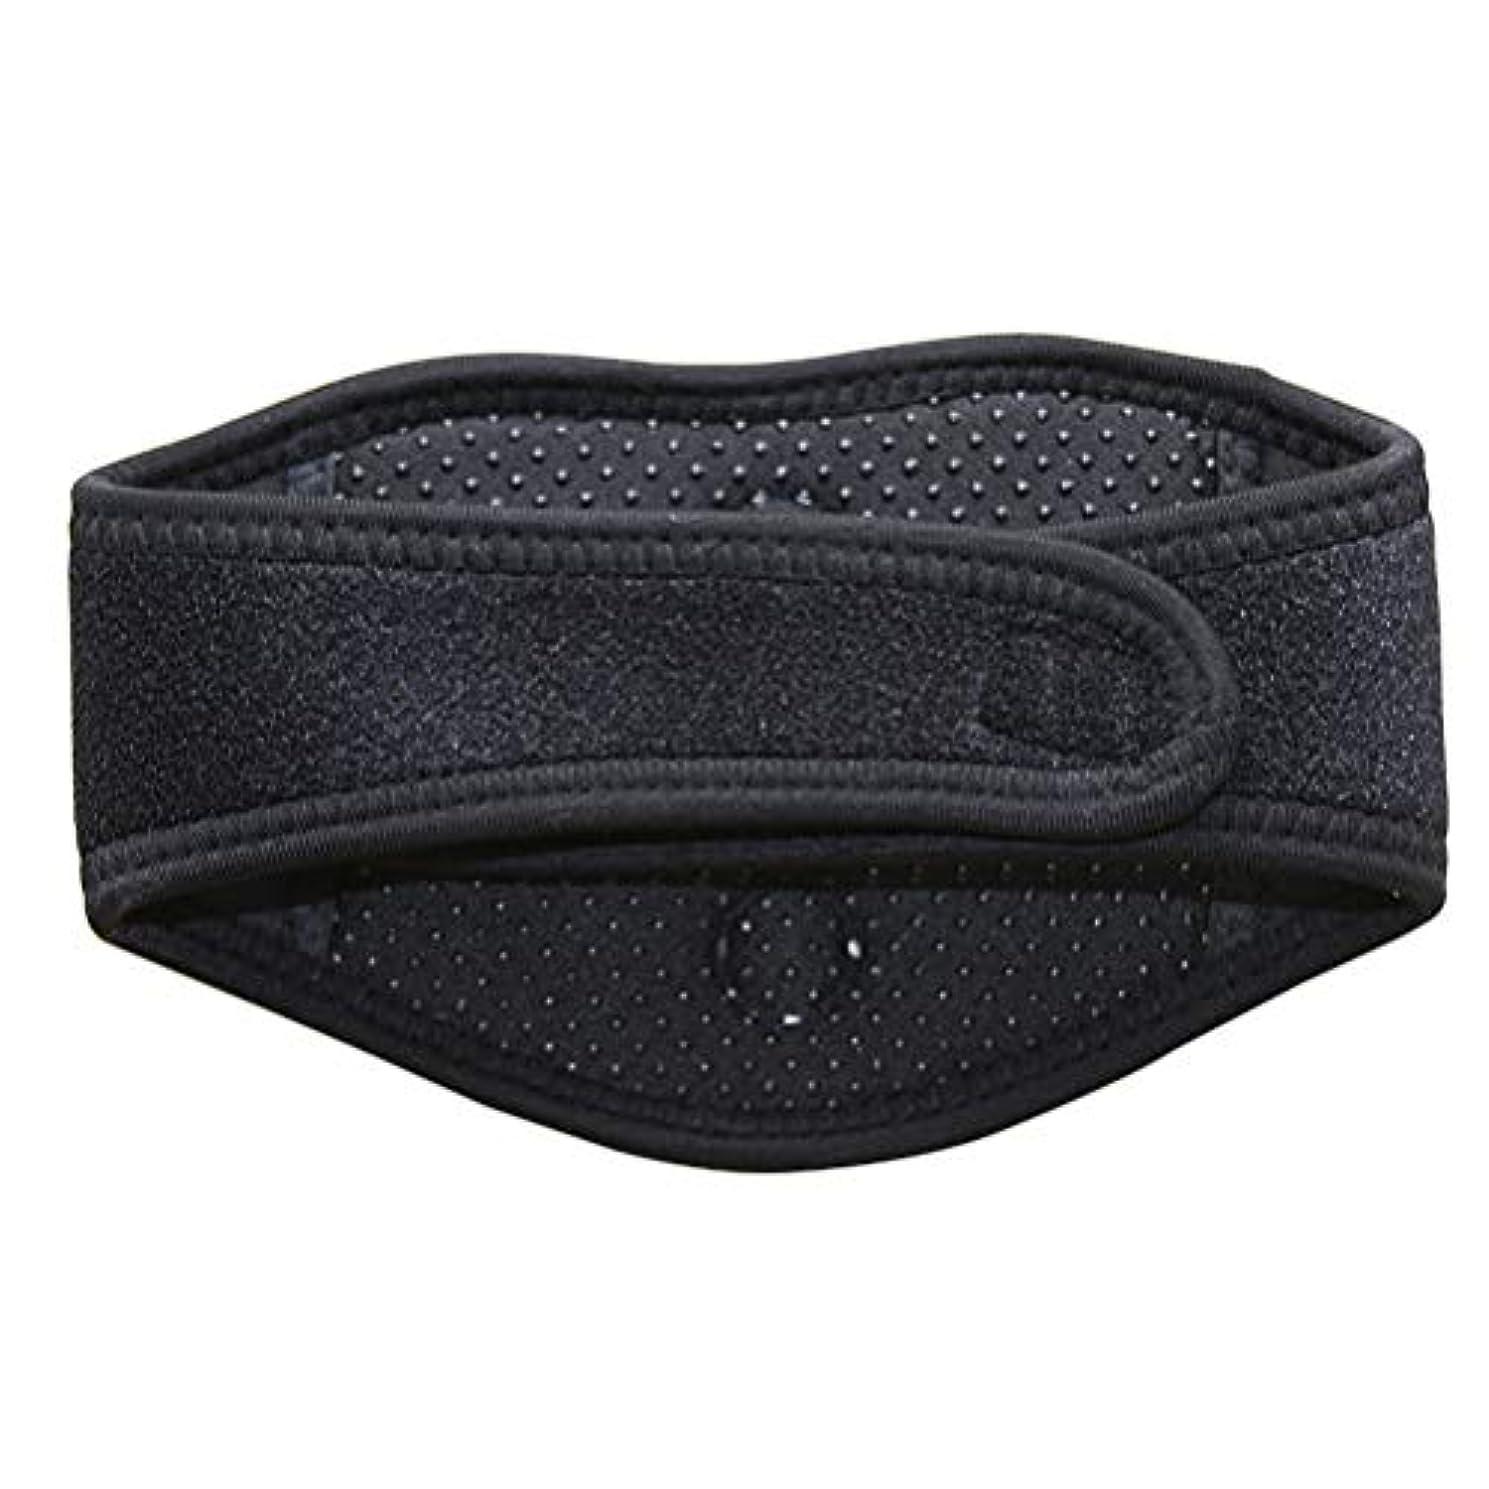 冷える符号振り向くSUPVOX磁気治療ネックブレース暖房首マッサージャー首の痛みとサポートのため(黒)